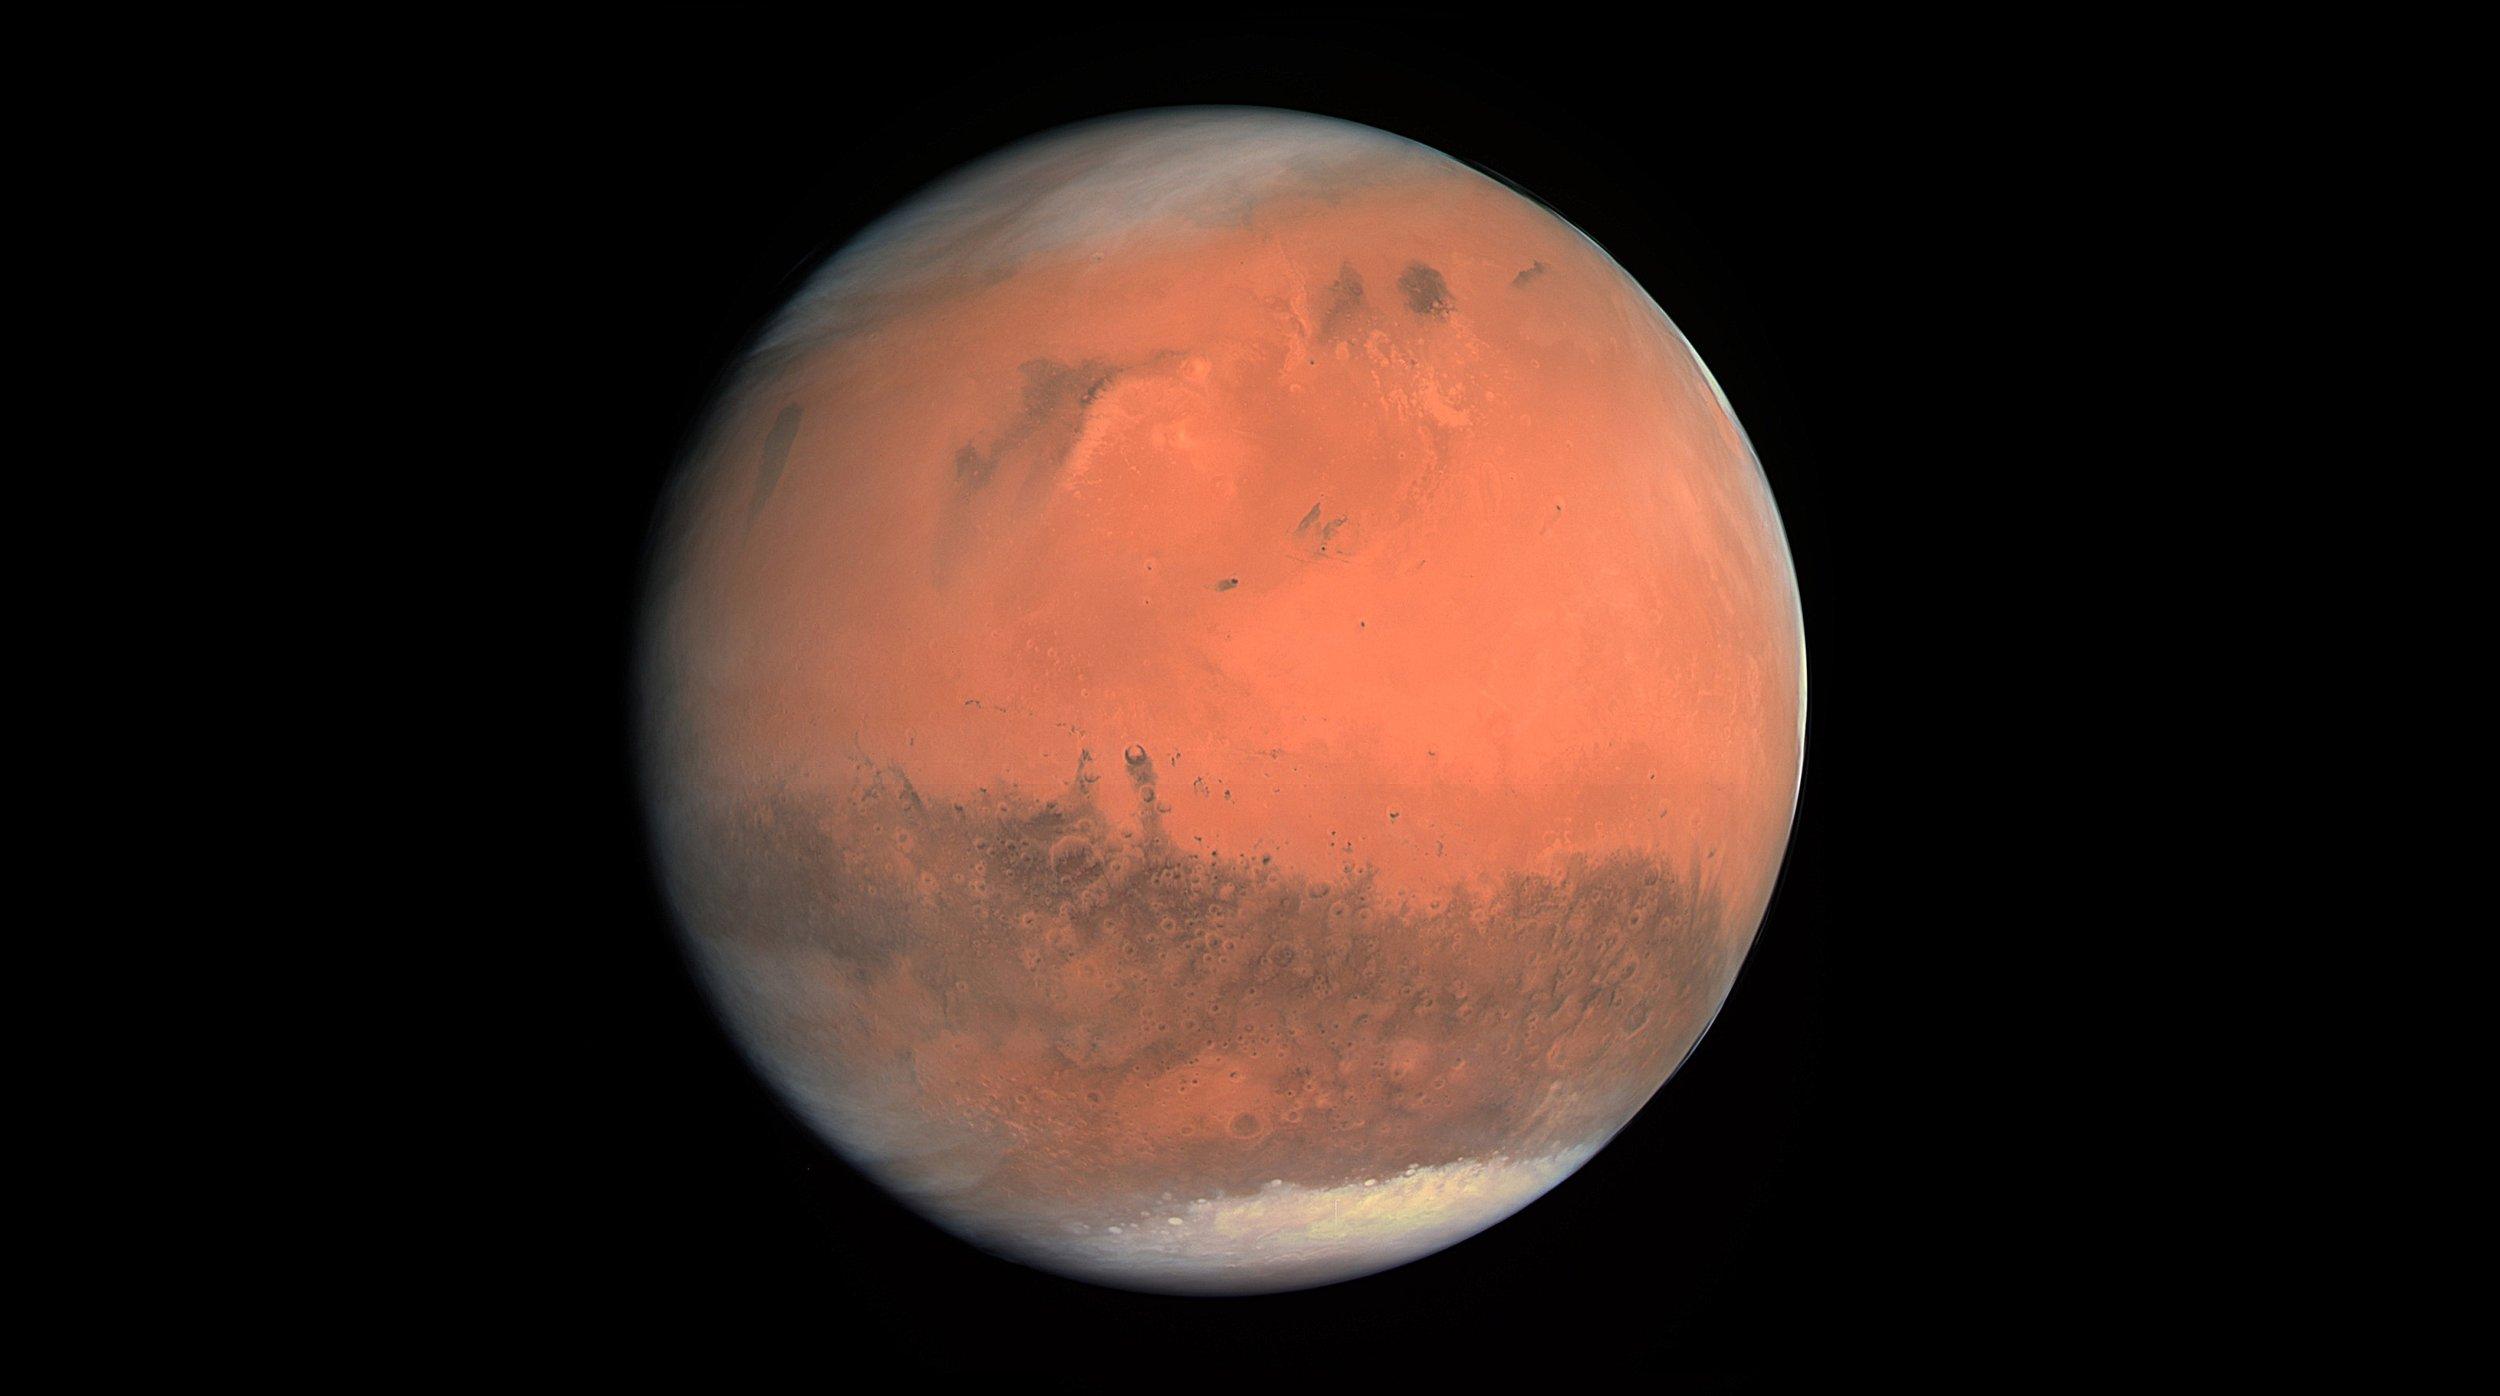 Image Credit:  ESA via Wikimedia Commons